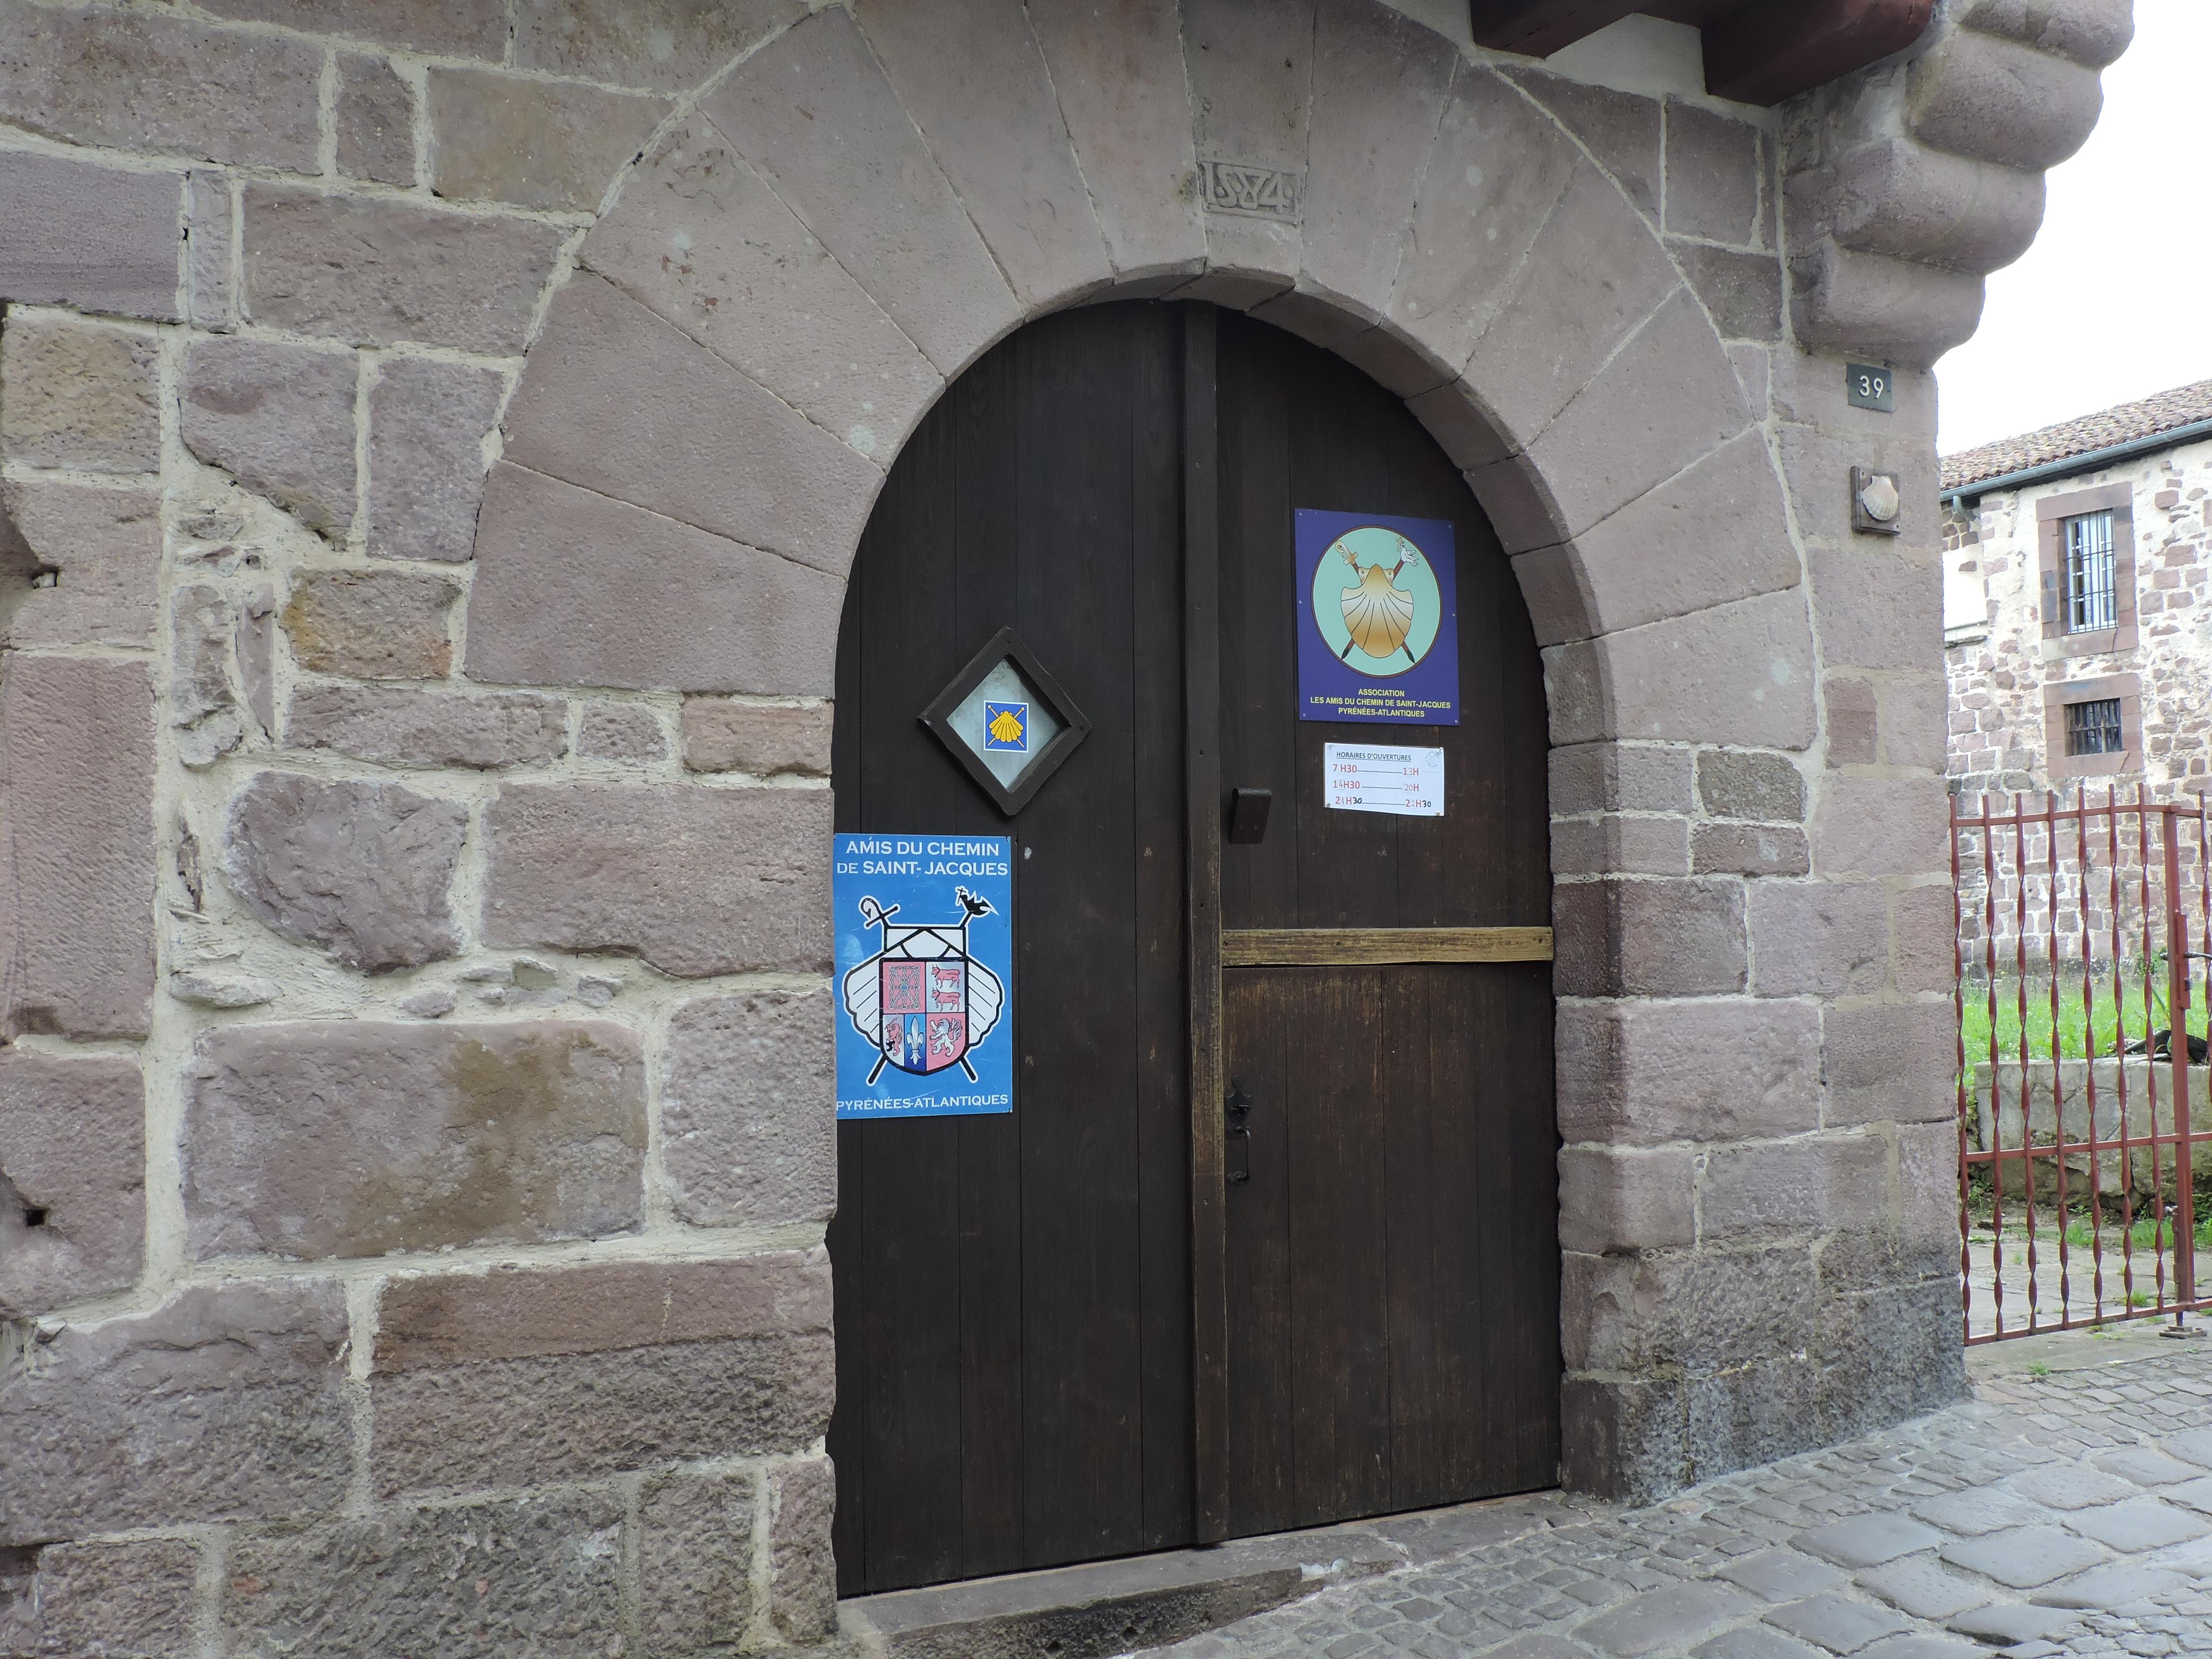 Fil ouvert-  Dates sur façades. Année 1602 par Fanch 56, dépassée par 1399 - 1400 de Jocelyn - Page 3 630273SudOuestt2016JB027